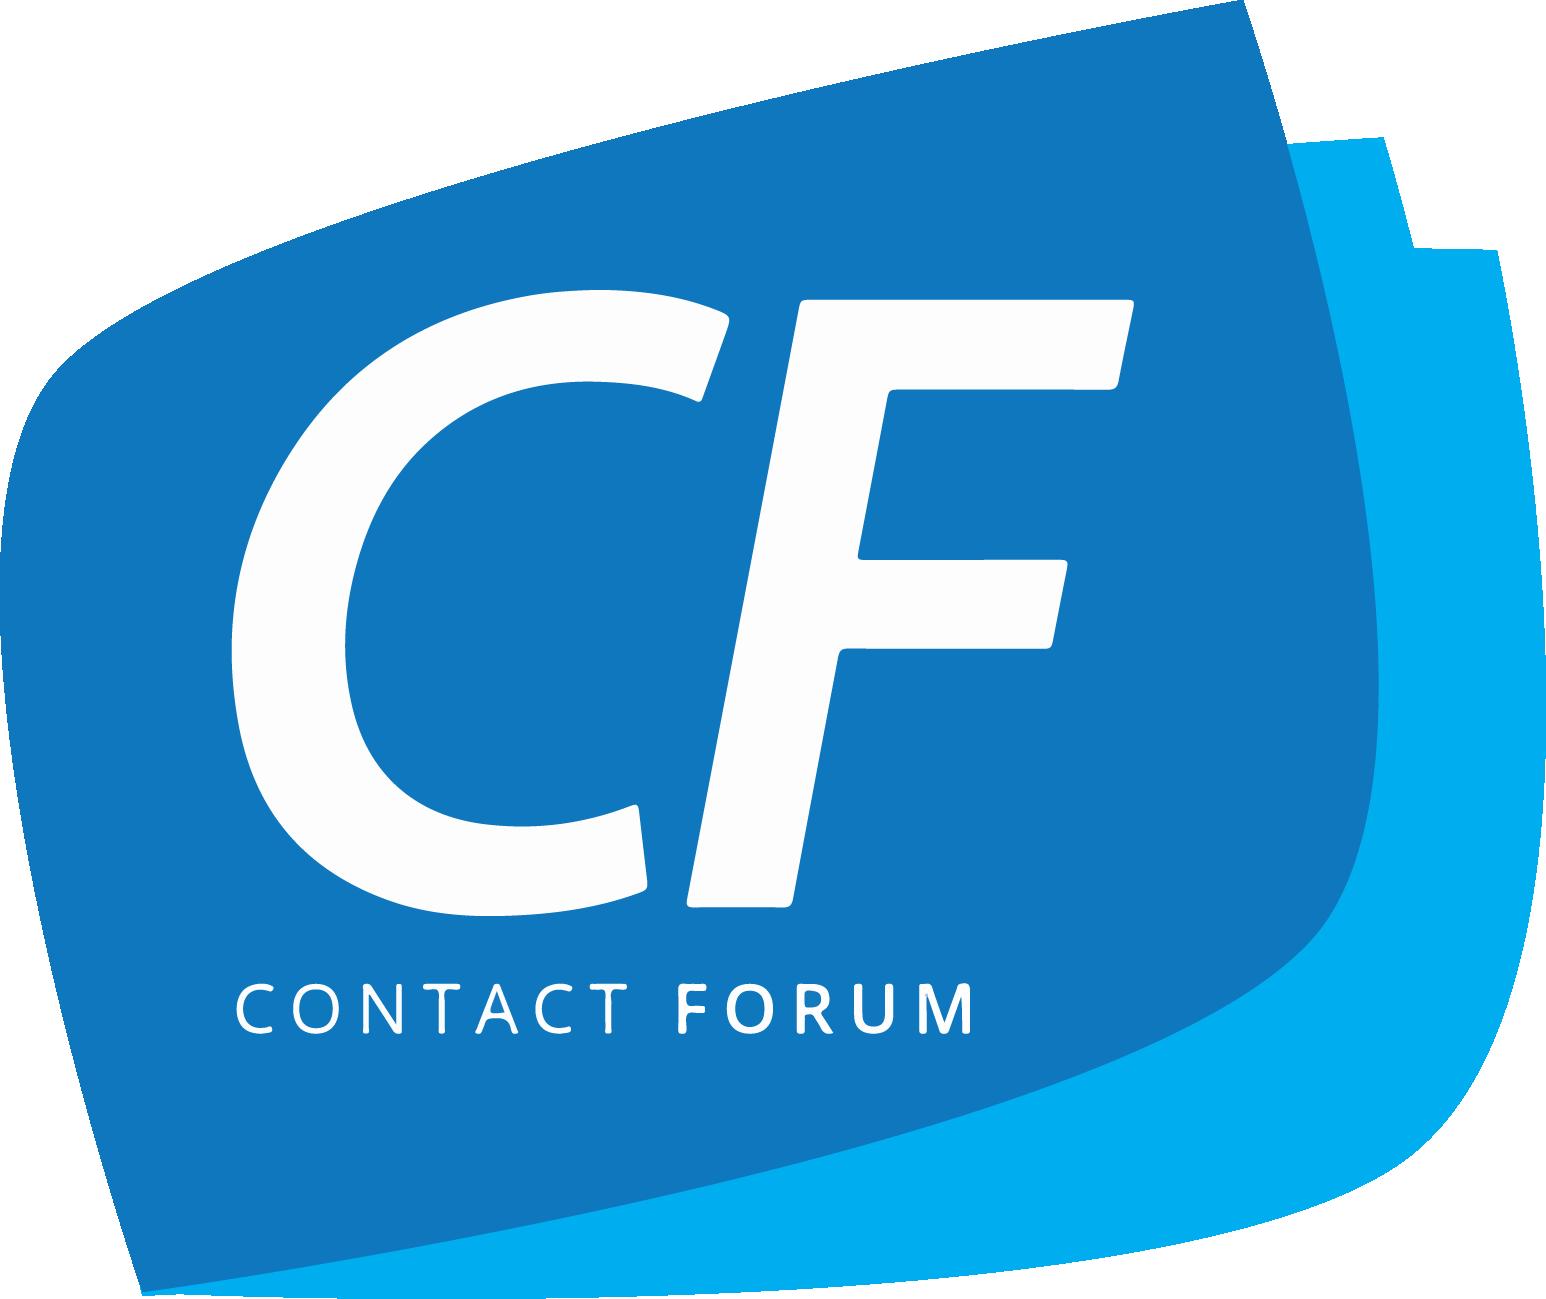 CF-Opiskelijamessut Oy logo